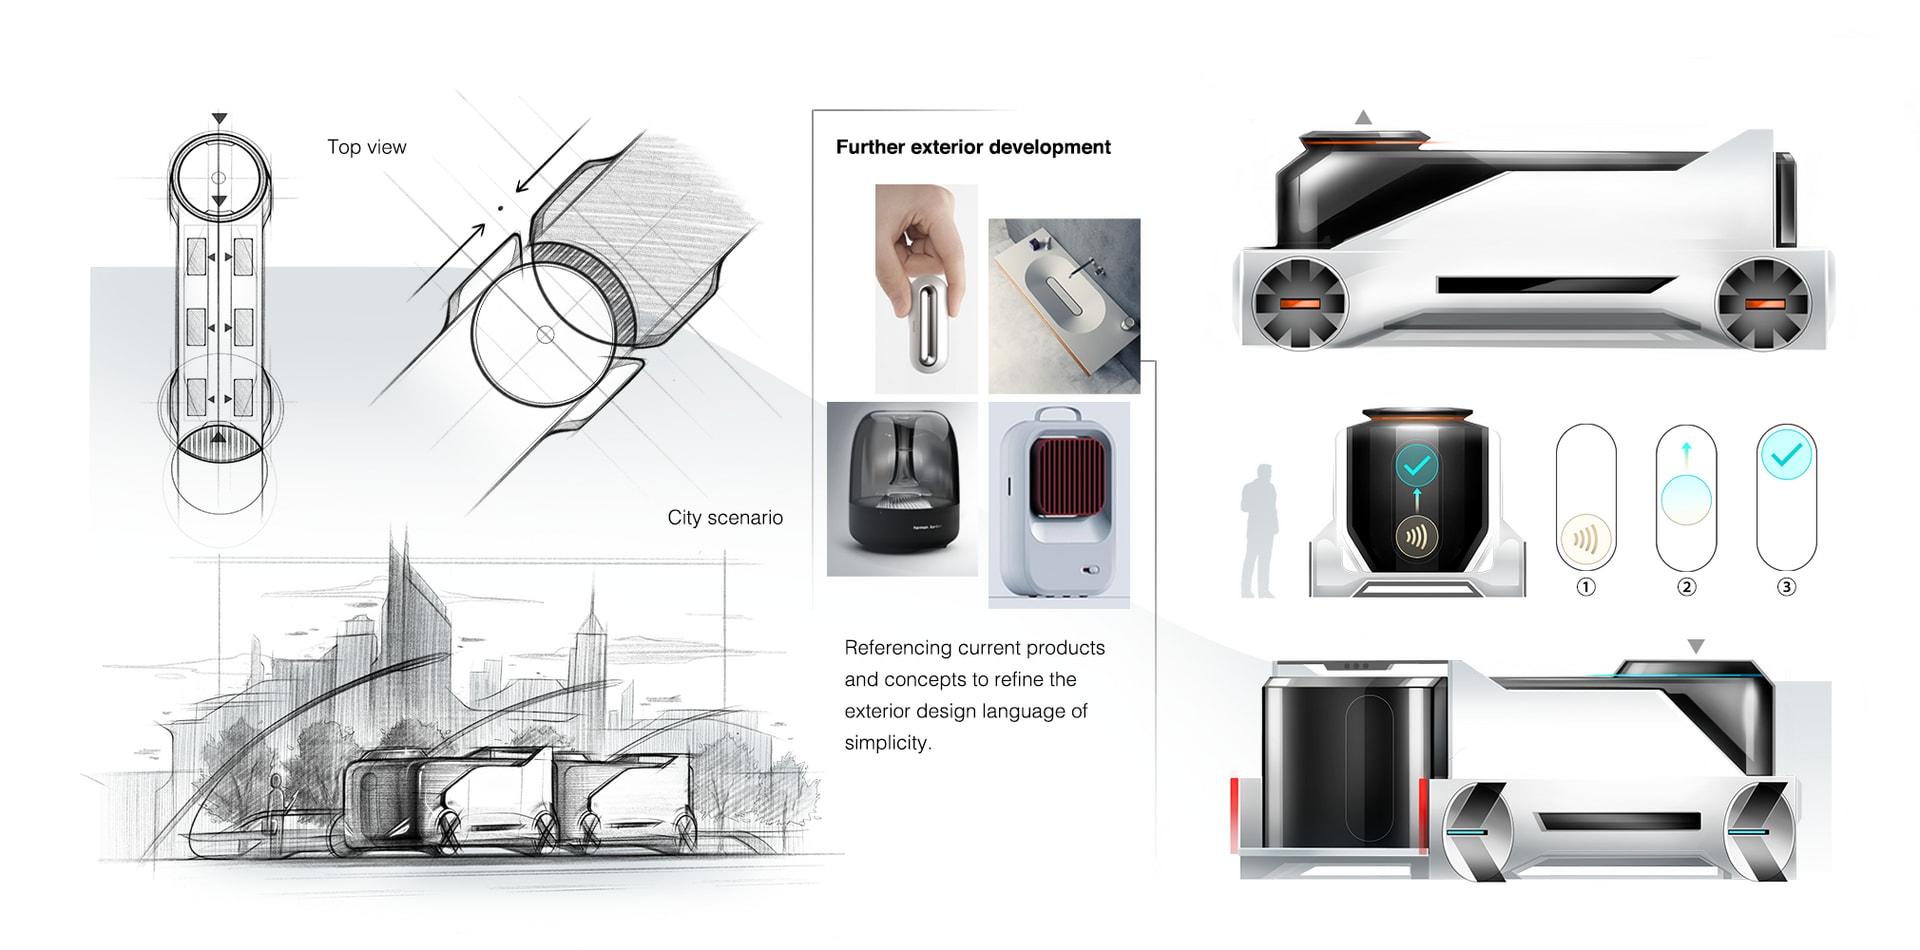 6.Concept renders